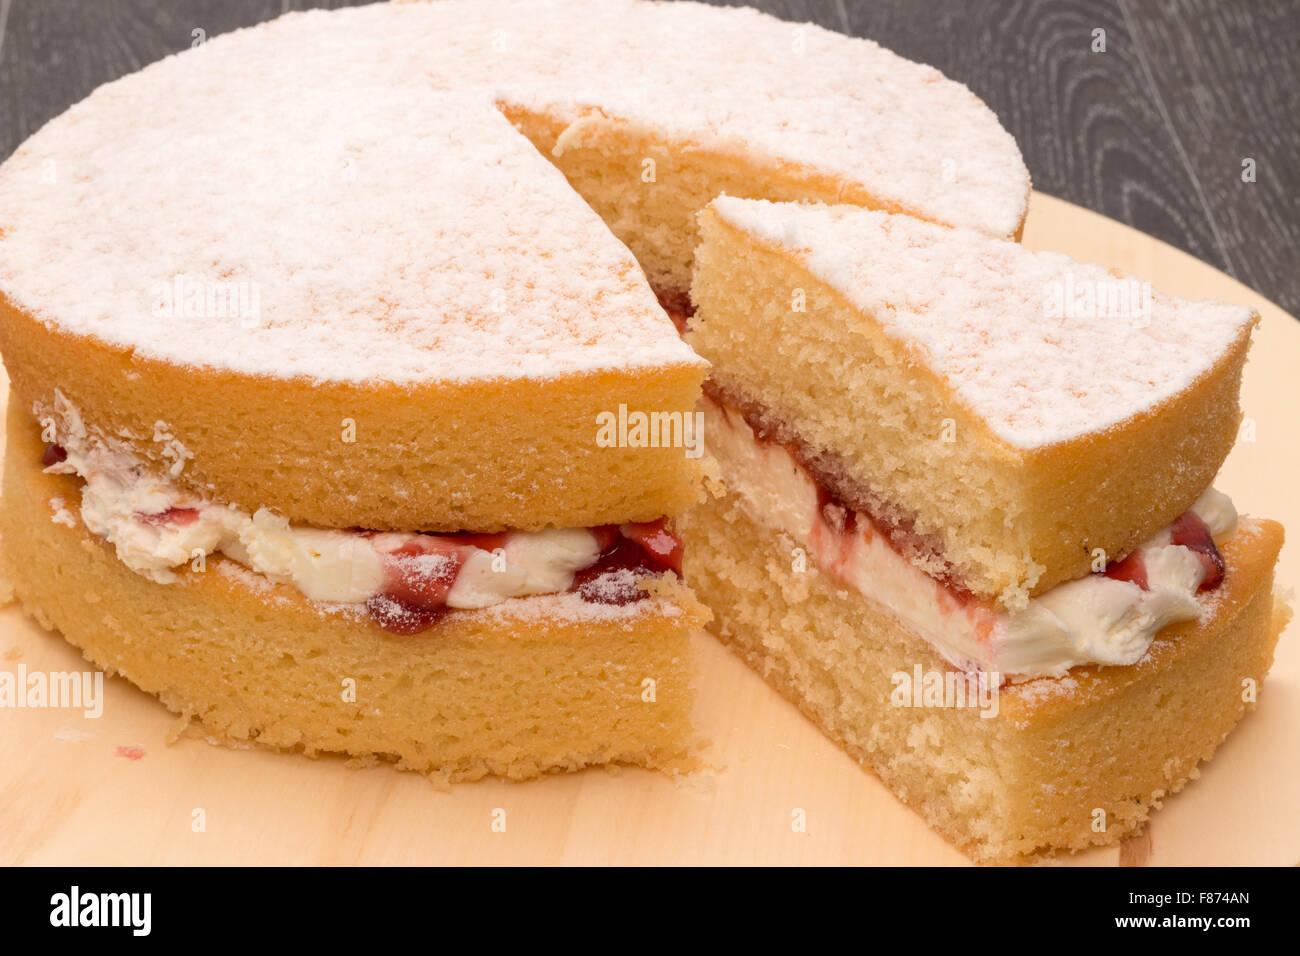 Un gâteau éponge Victoria - studio shot Photo Stock